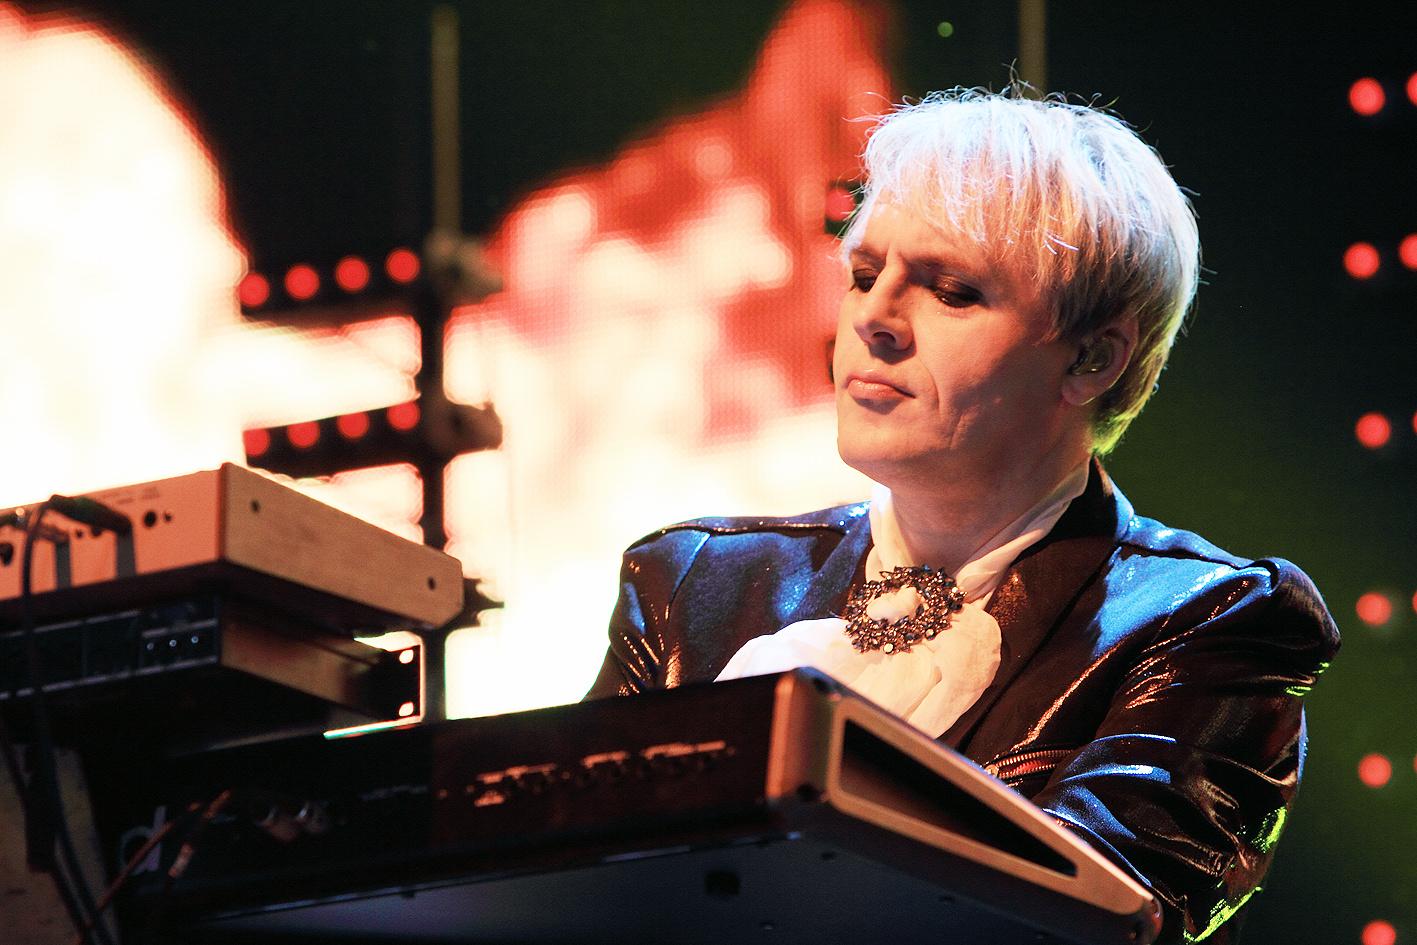 Duran Duran image 5 keyboard